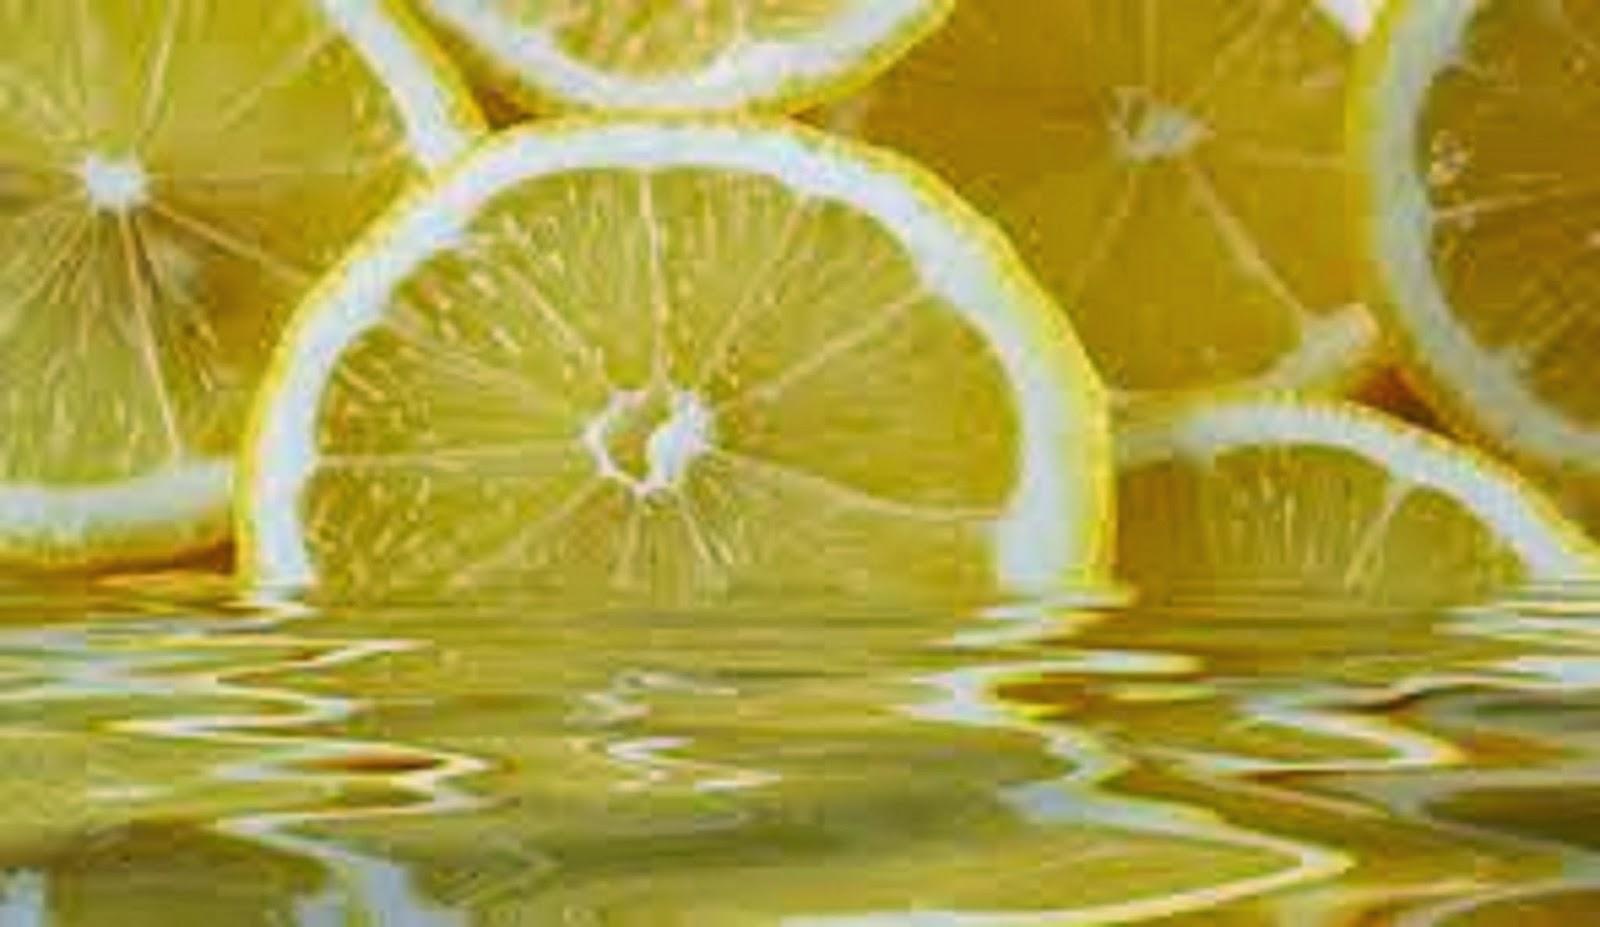 Kemoterapide Kullanılan Ilaçlardan 10 000 Kat Daha Güçlü Limon!